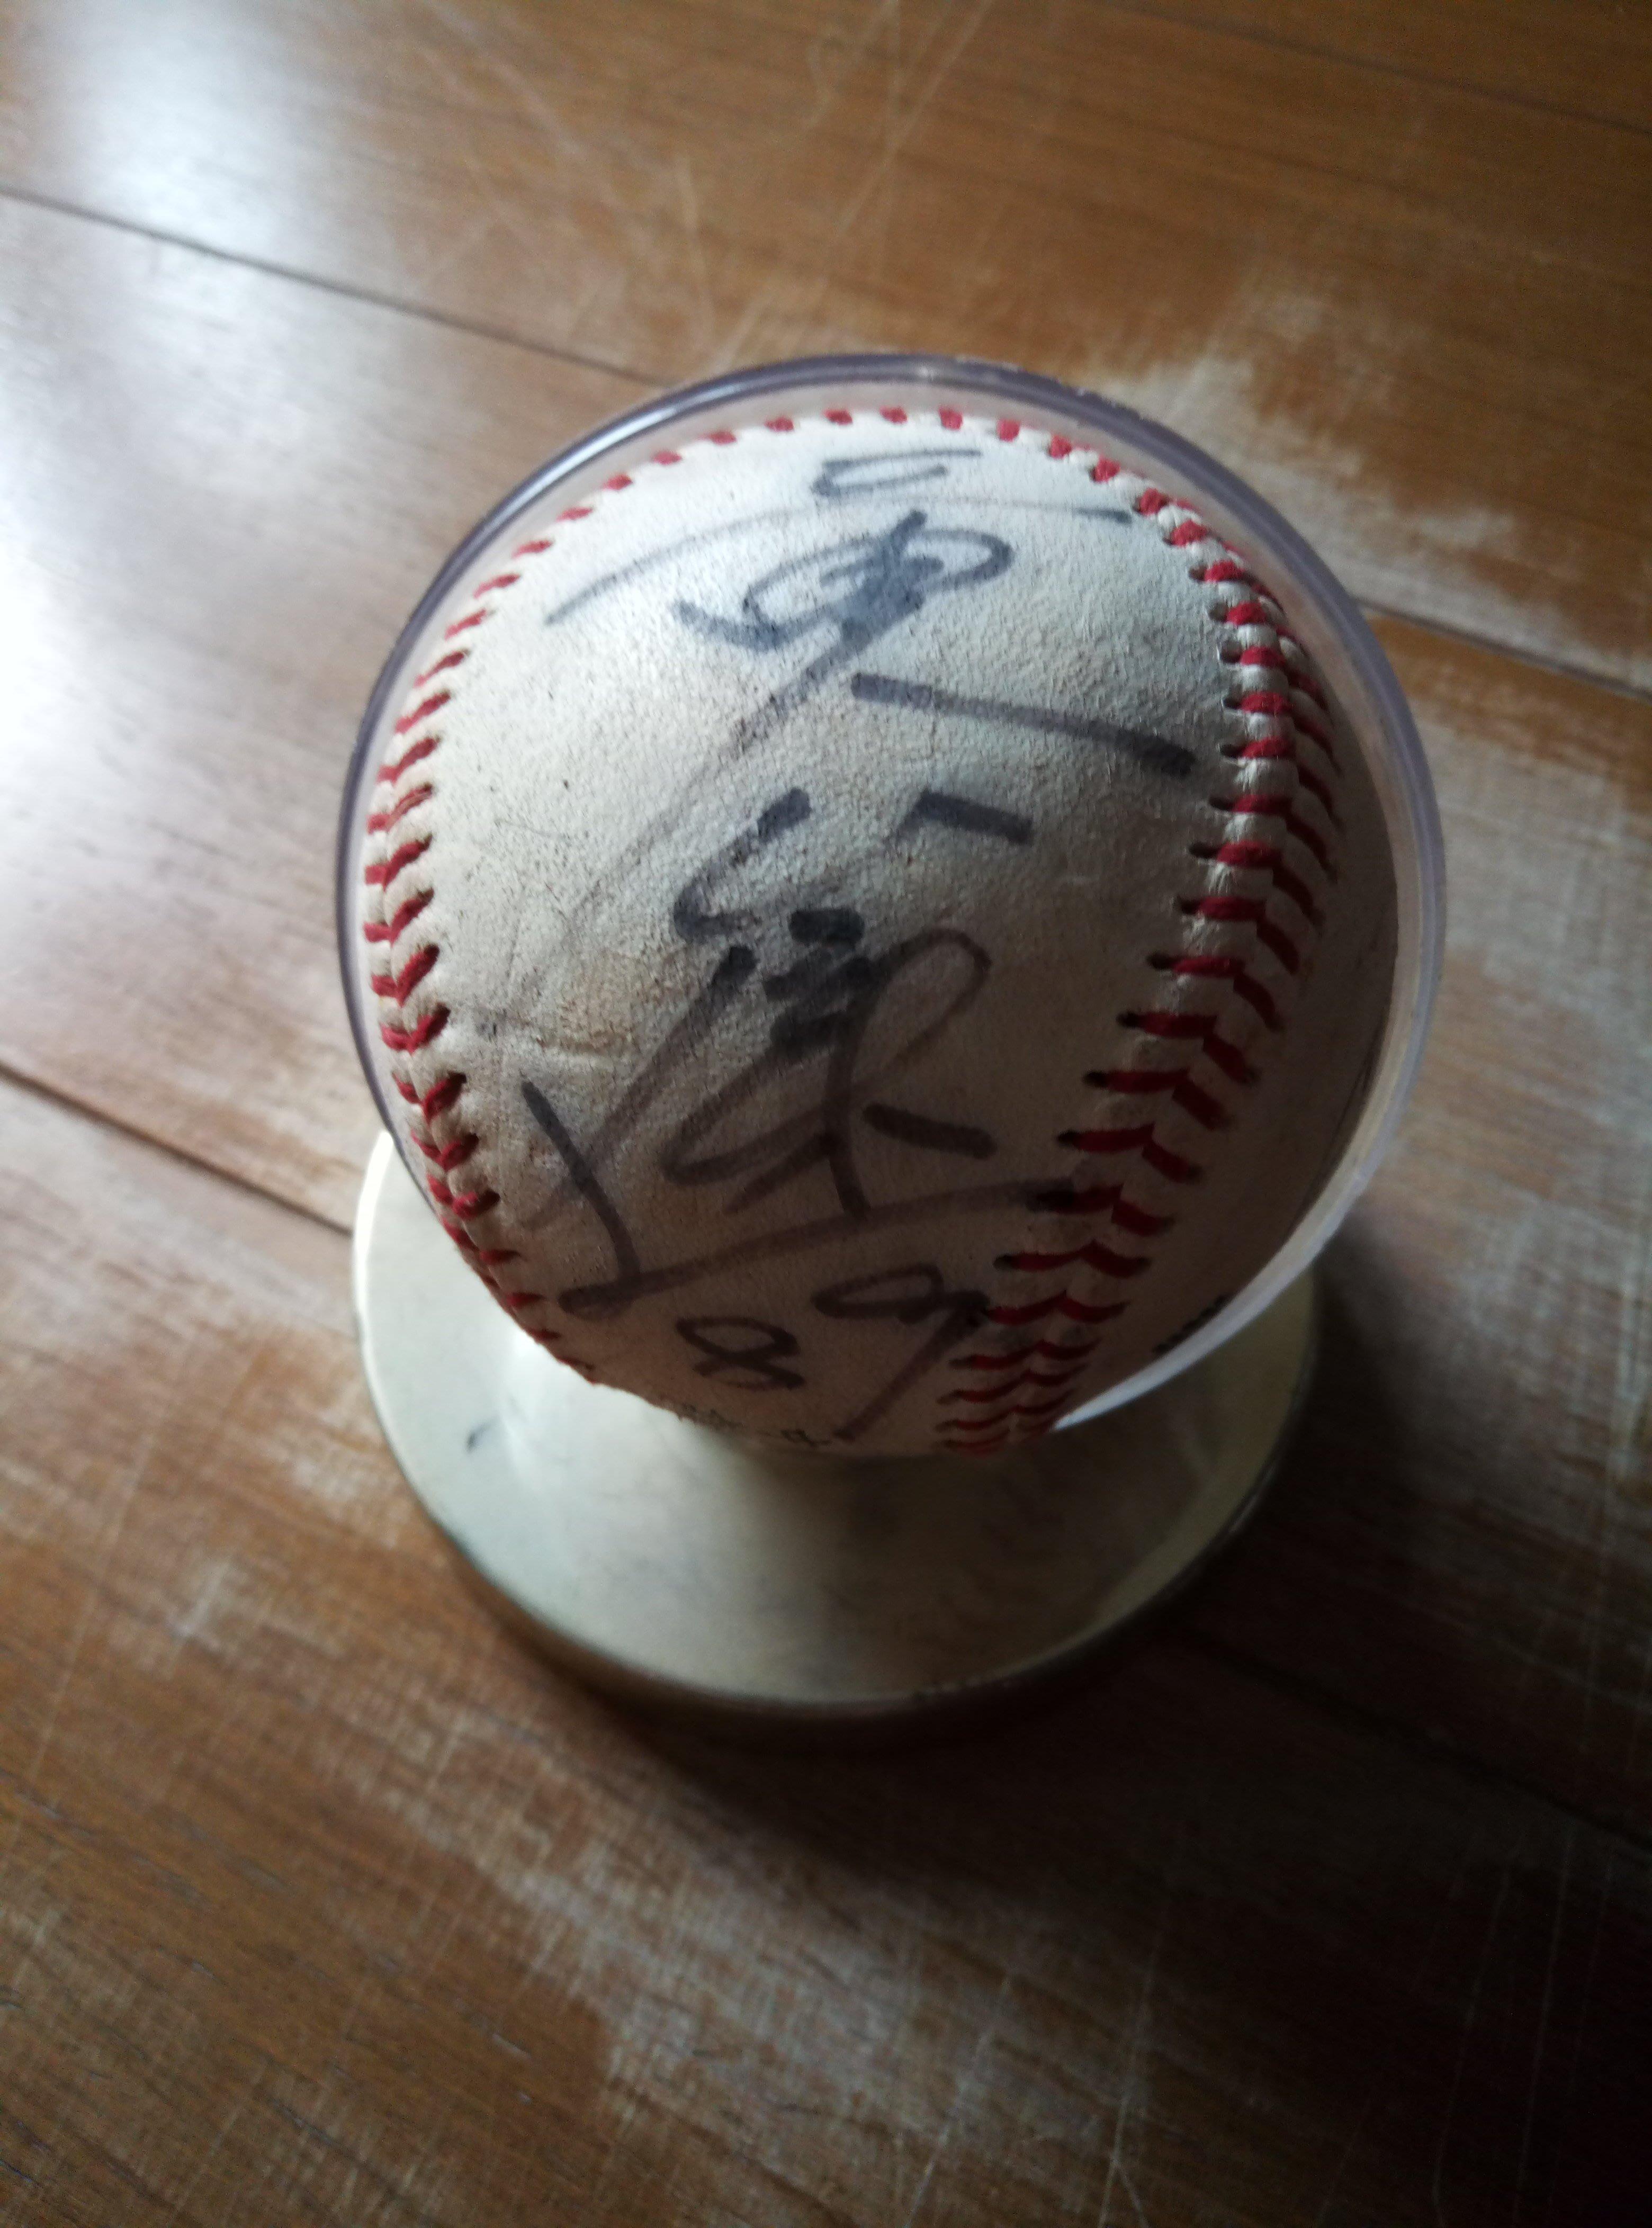 中華職棒時報鷹黃俊傑親筆簽名球-簽於華櫻中華棒協專用球含收藏球座